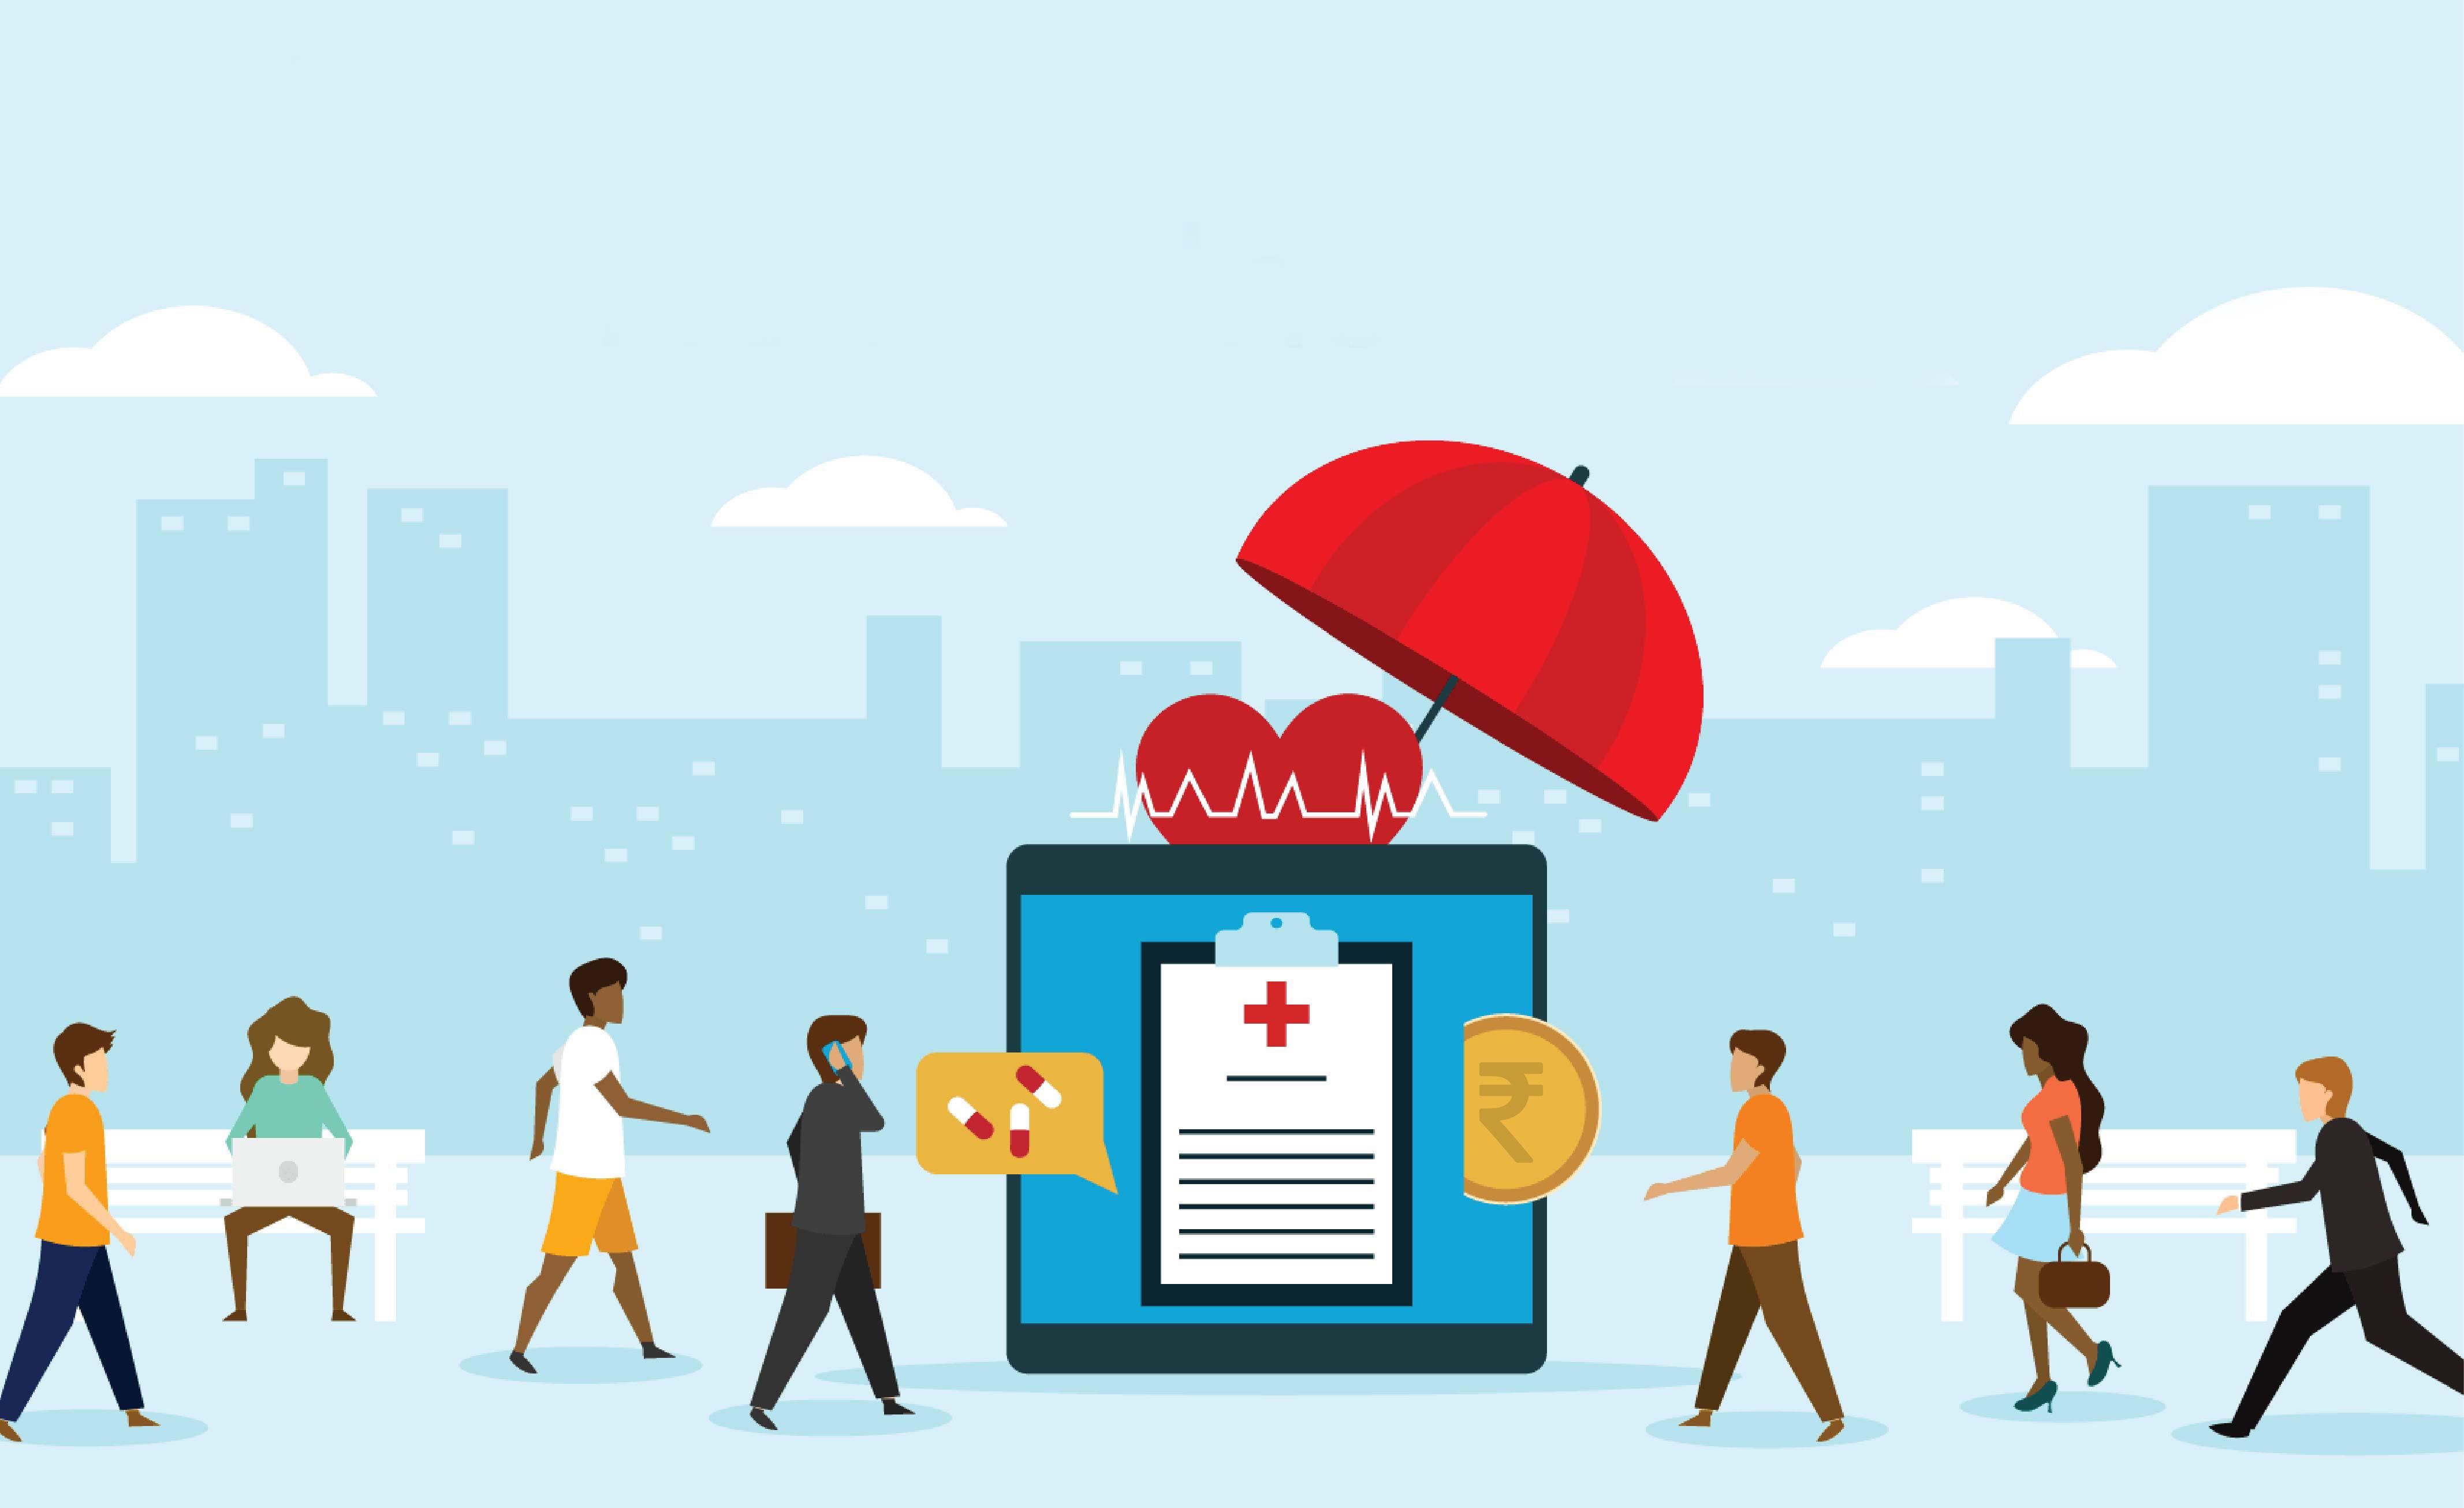 HDFC health insurance for millennials